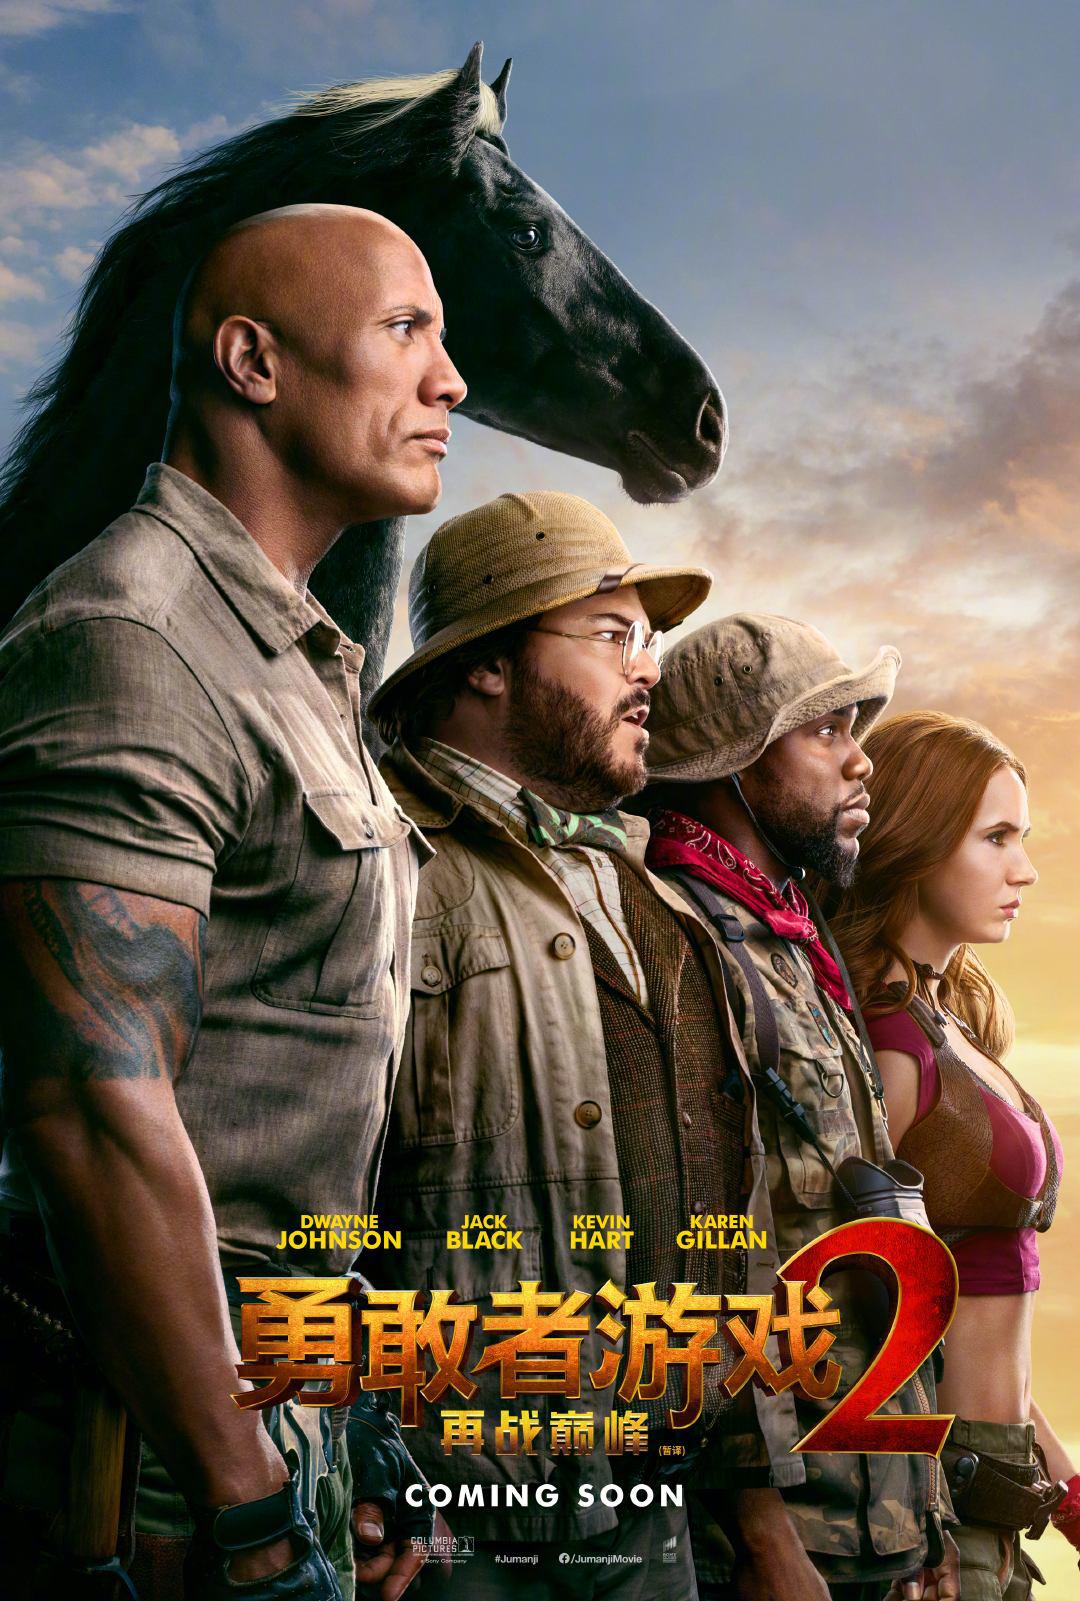 强森回归!《勇敢者游戏2:再战巅峰》曝海报